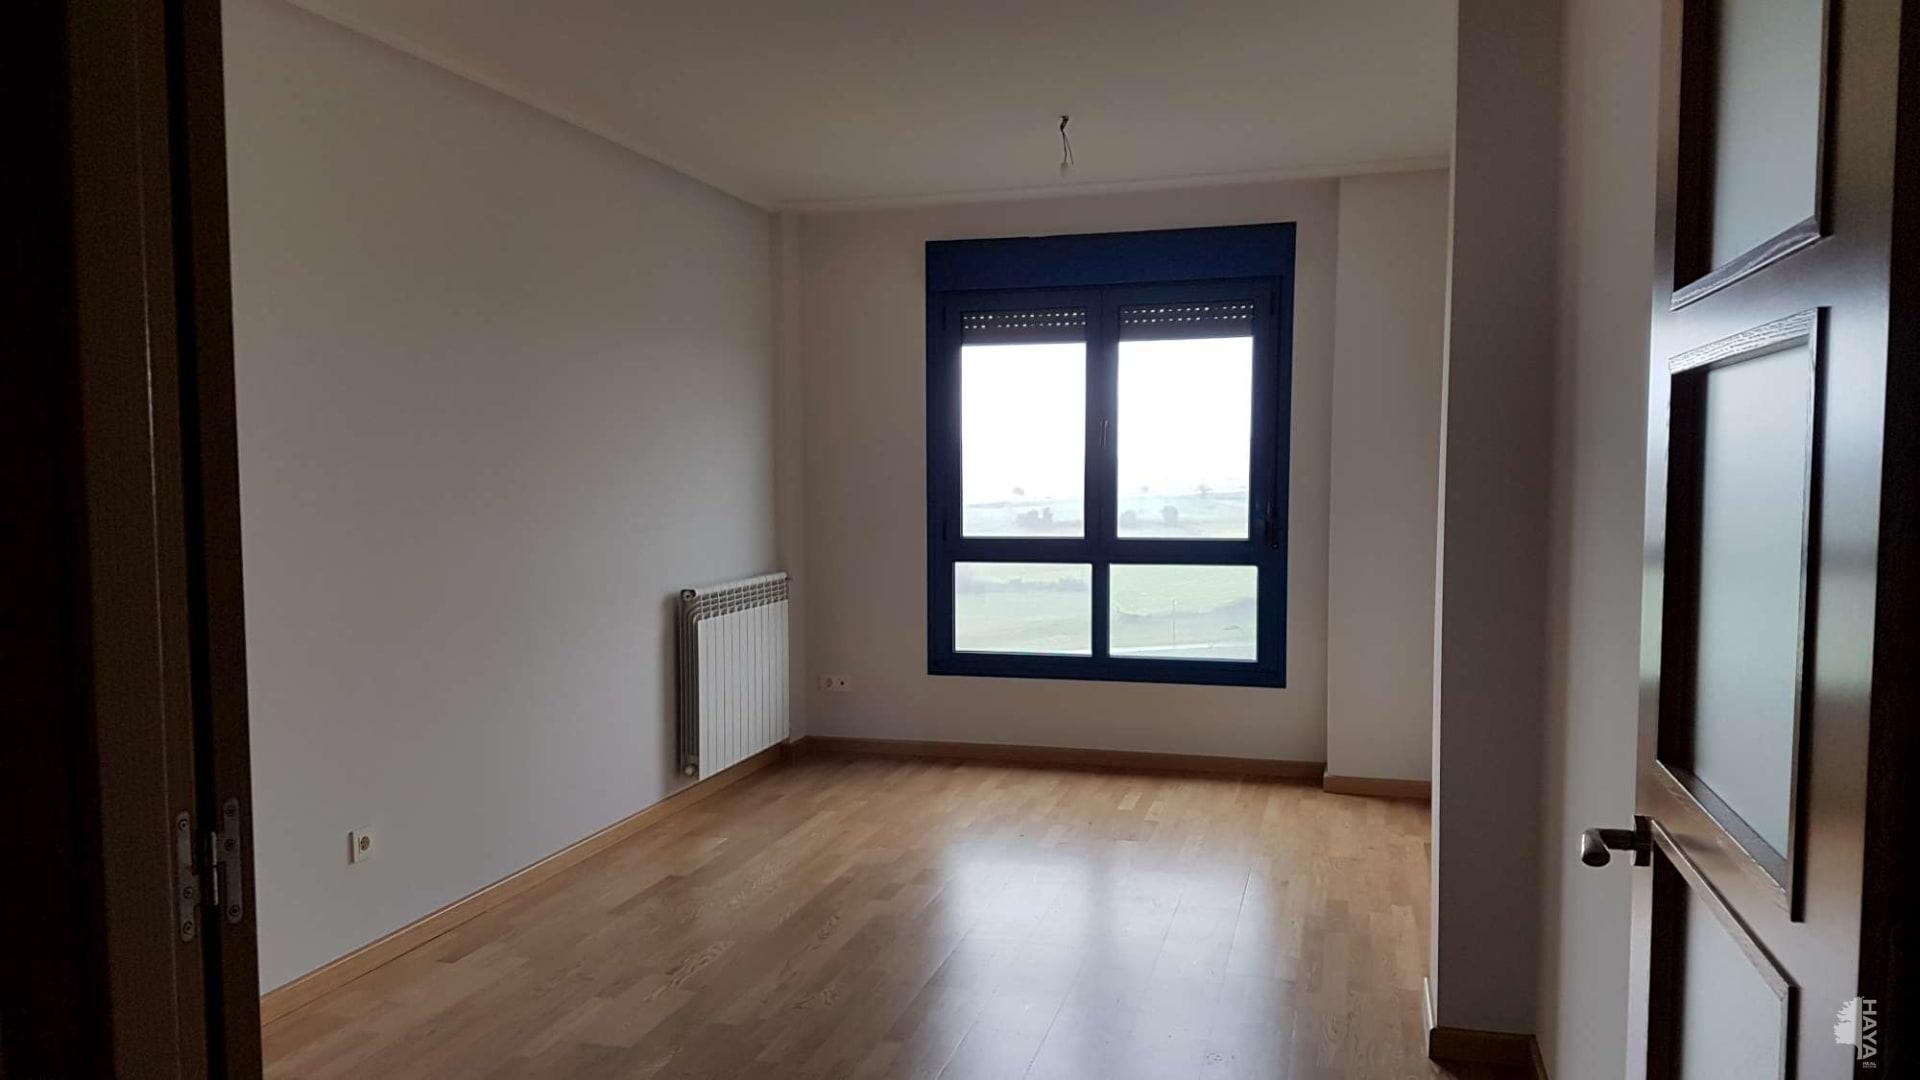 Piso en venta en Favila, Corvera de Asturias, Asturias, Pasaje del Manzano, 107.000 €, 3 habitaciones, 1 baño, 82 m2